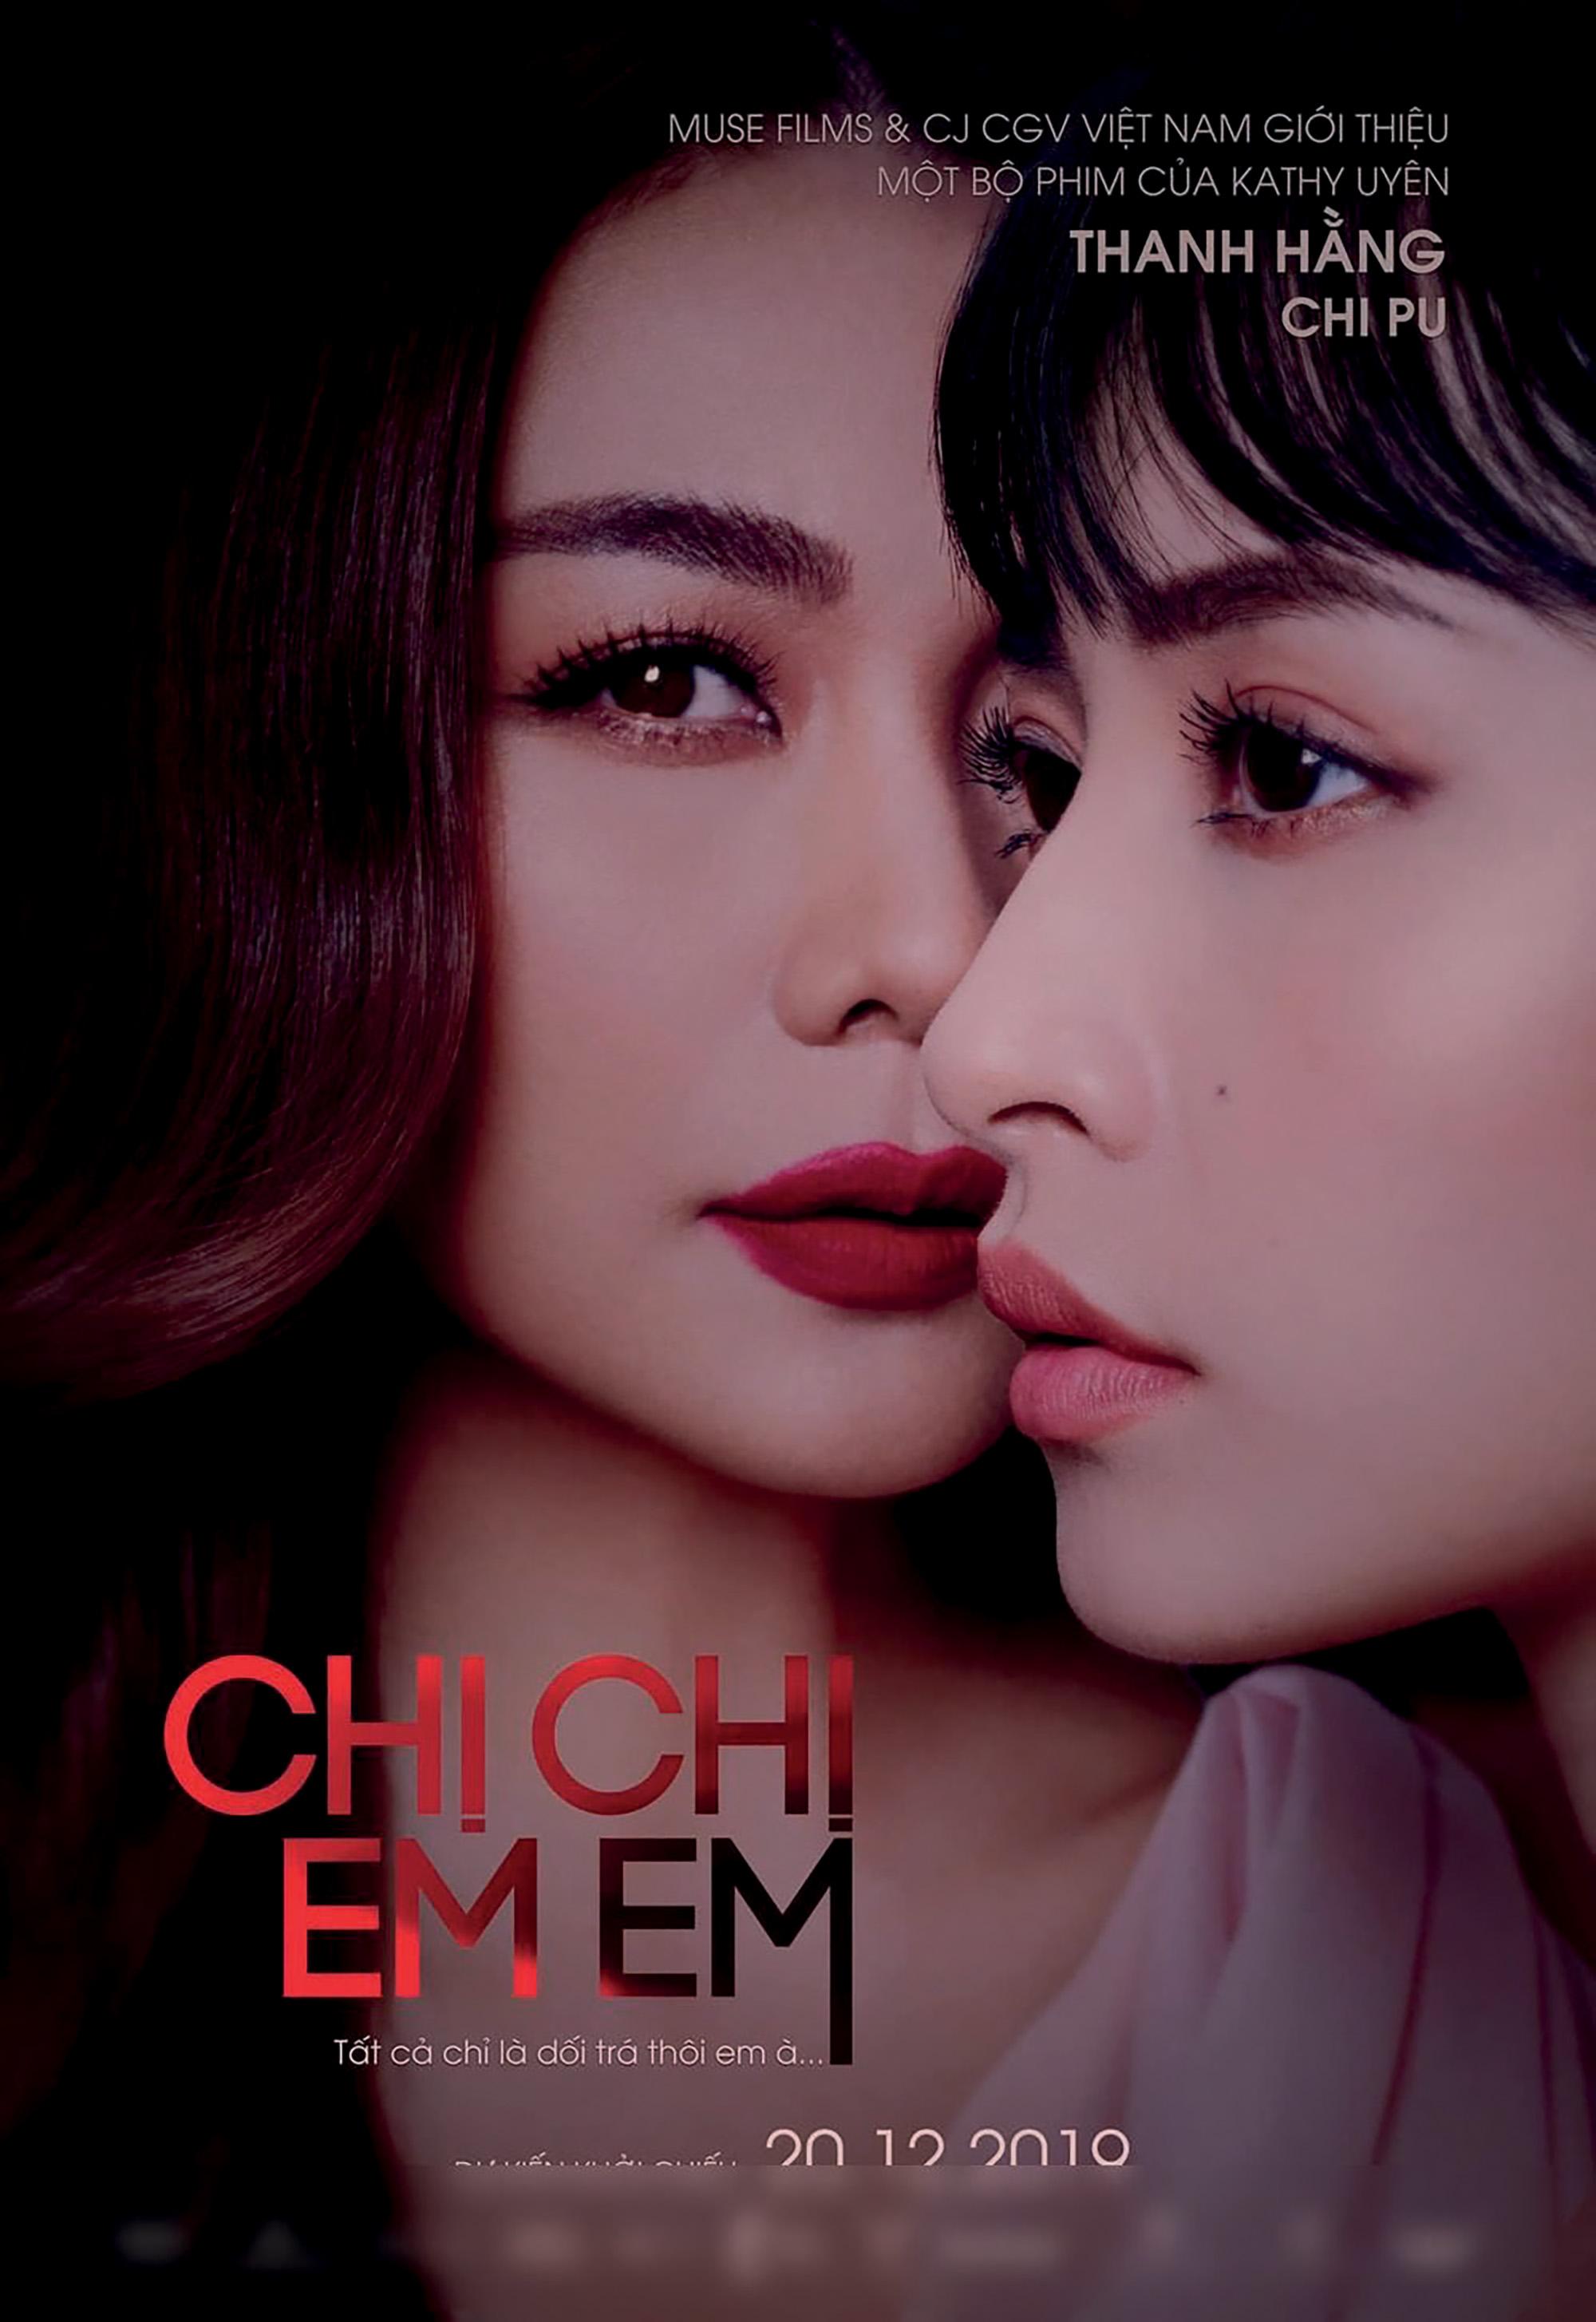 phim chiếu rạp Việt Nam Chị Chị Em Em